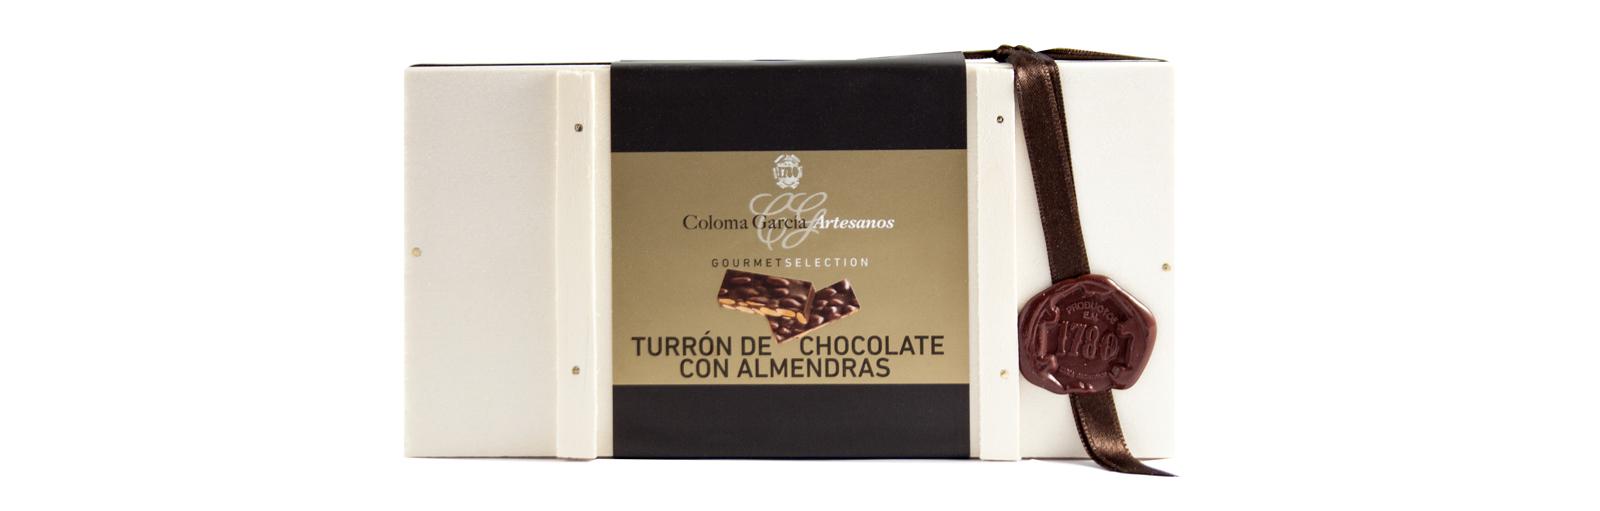 BAUL TURRÓN DE CHOCOLATE CON ALMENDRAS